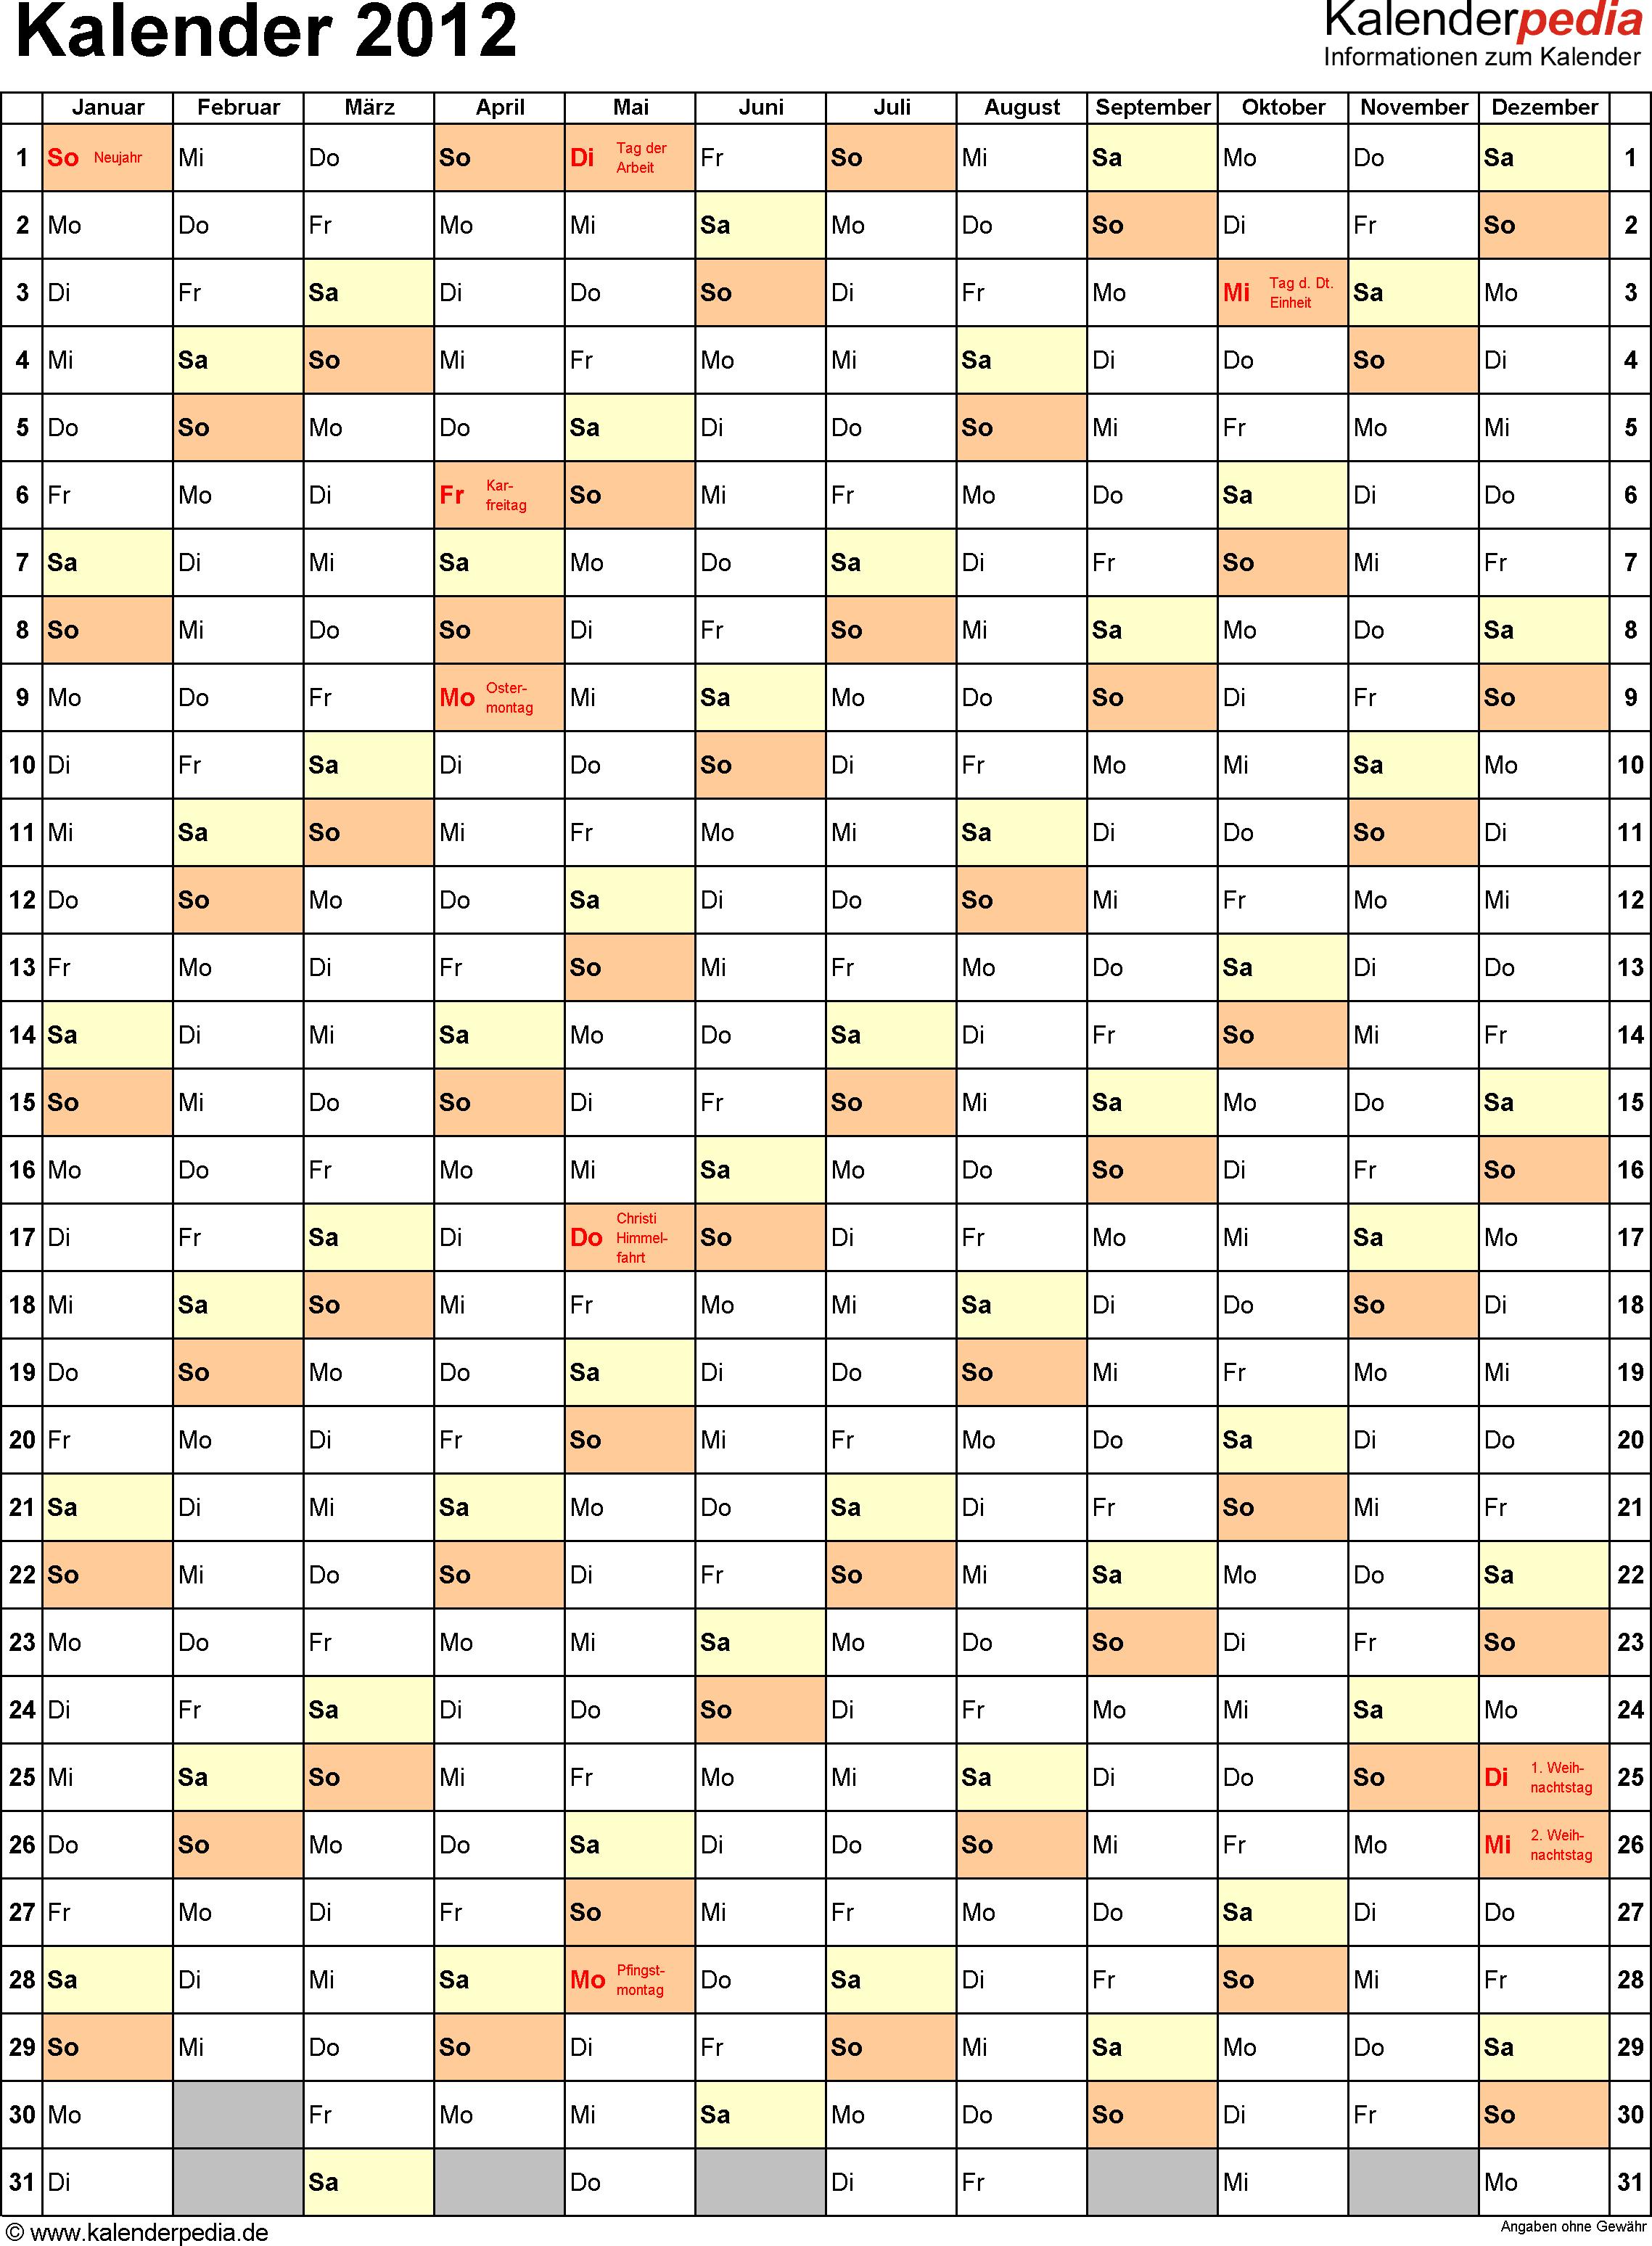 Vorlage 8: Jahreskalender 2012 als Excel-Vorlage, Hochformat, 1 DIN A4 Seite, mit Feiertagen (ganz Deutschland), geeignet für alle Excel-Versionen